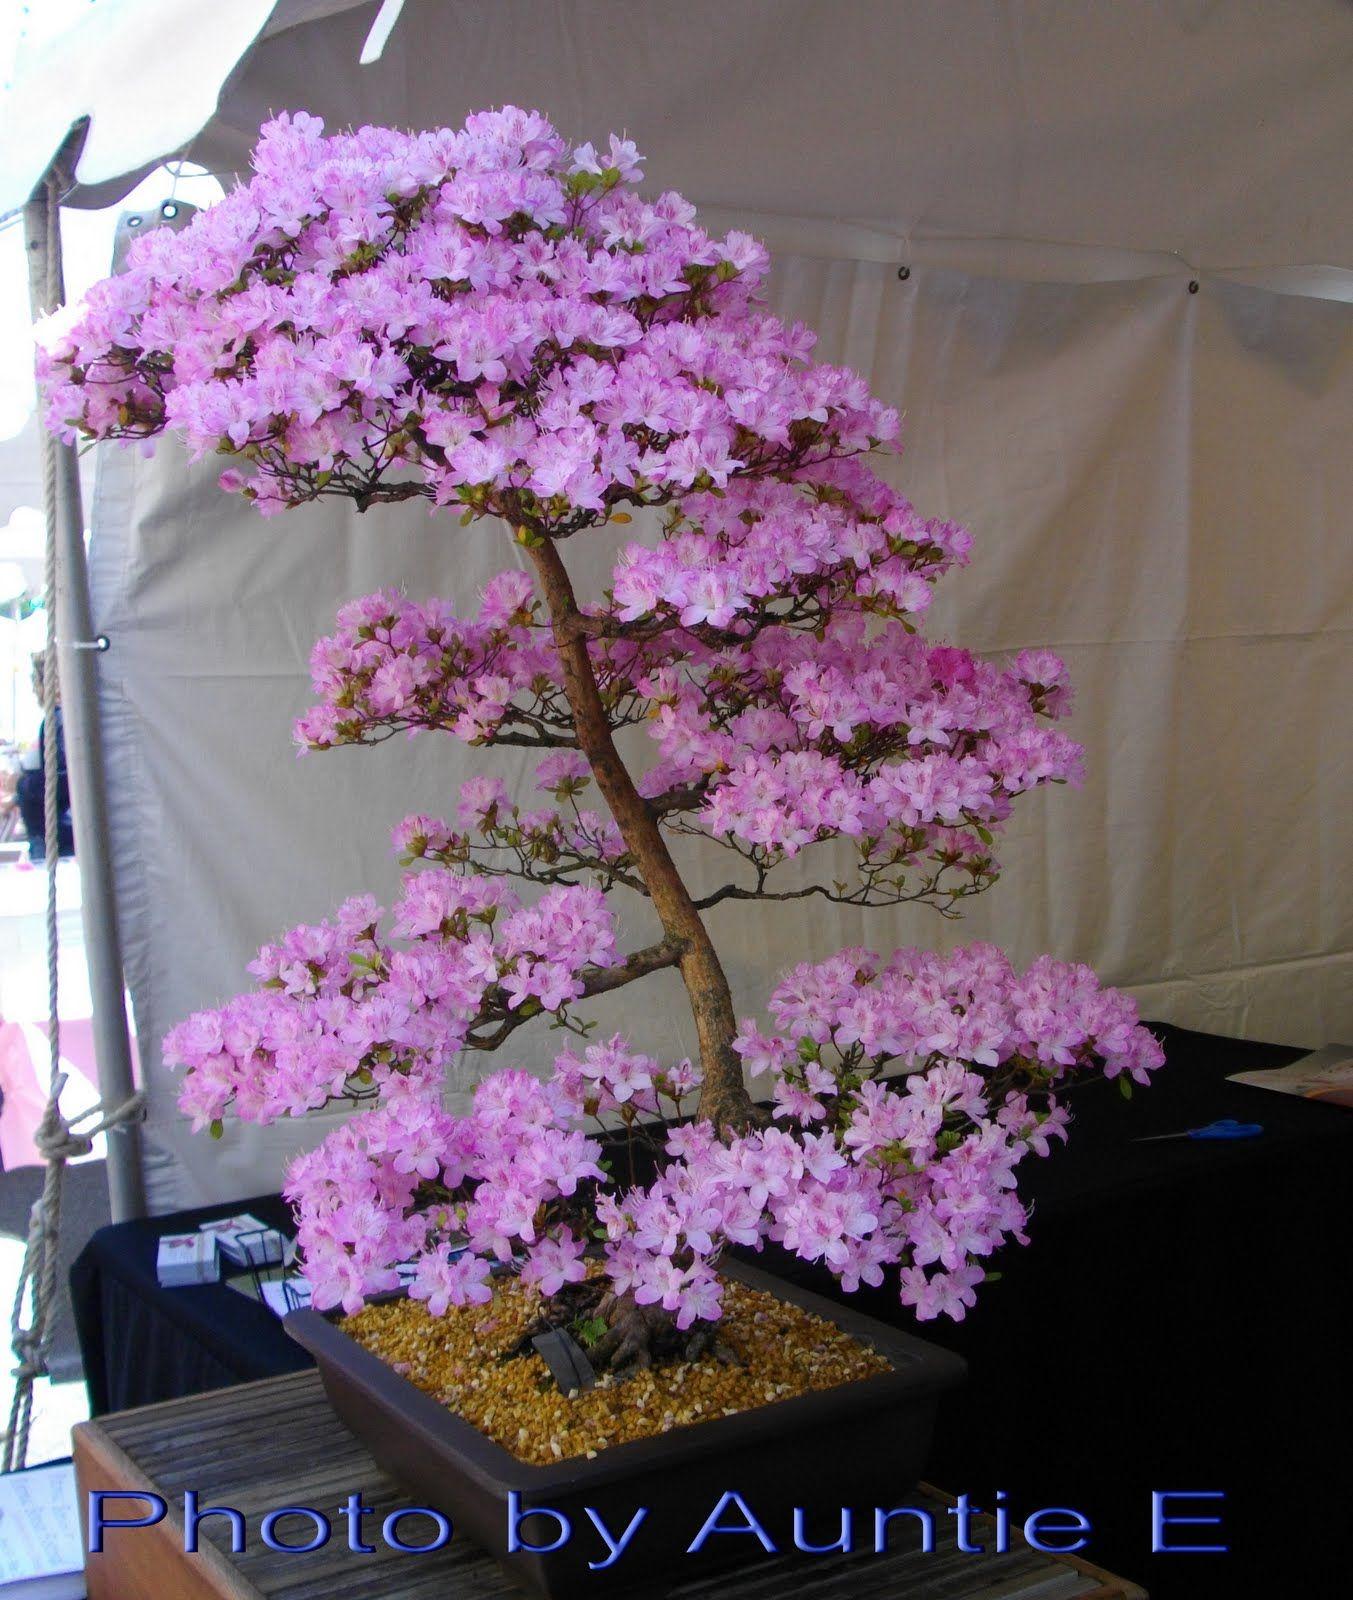 A Bonsai Cherry Tree Bonsai Cherry Tree Bonsai Tree Blossom Trees